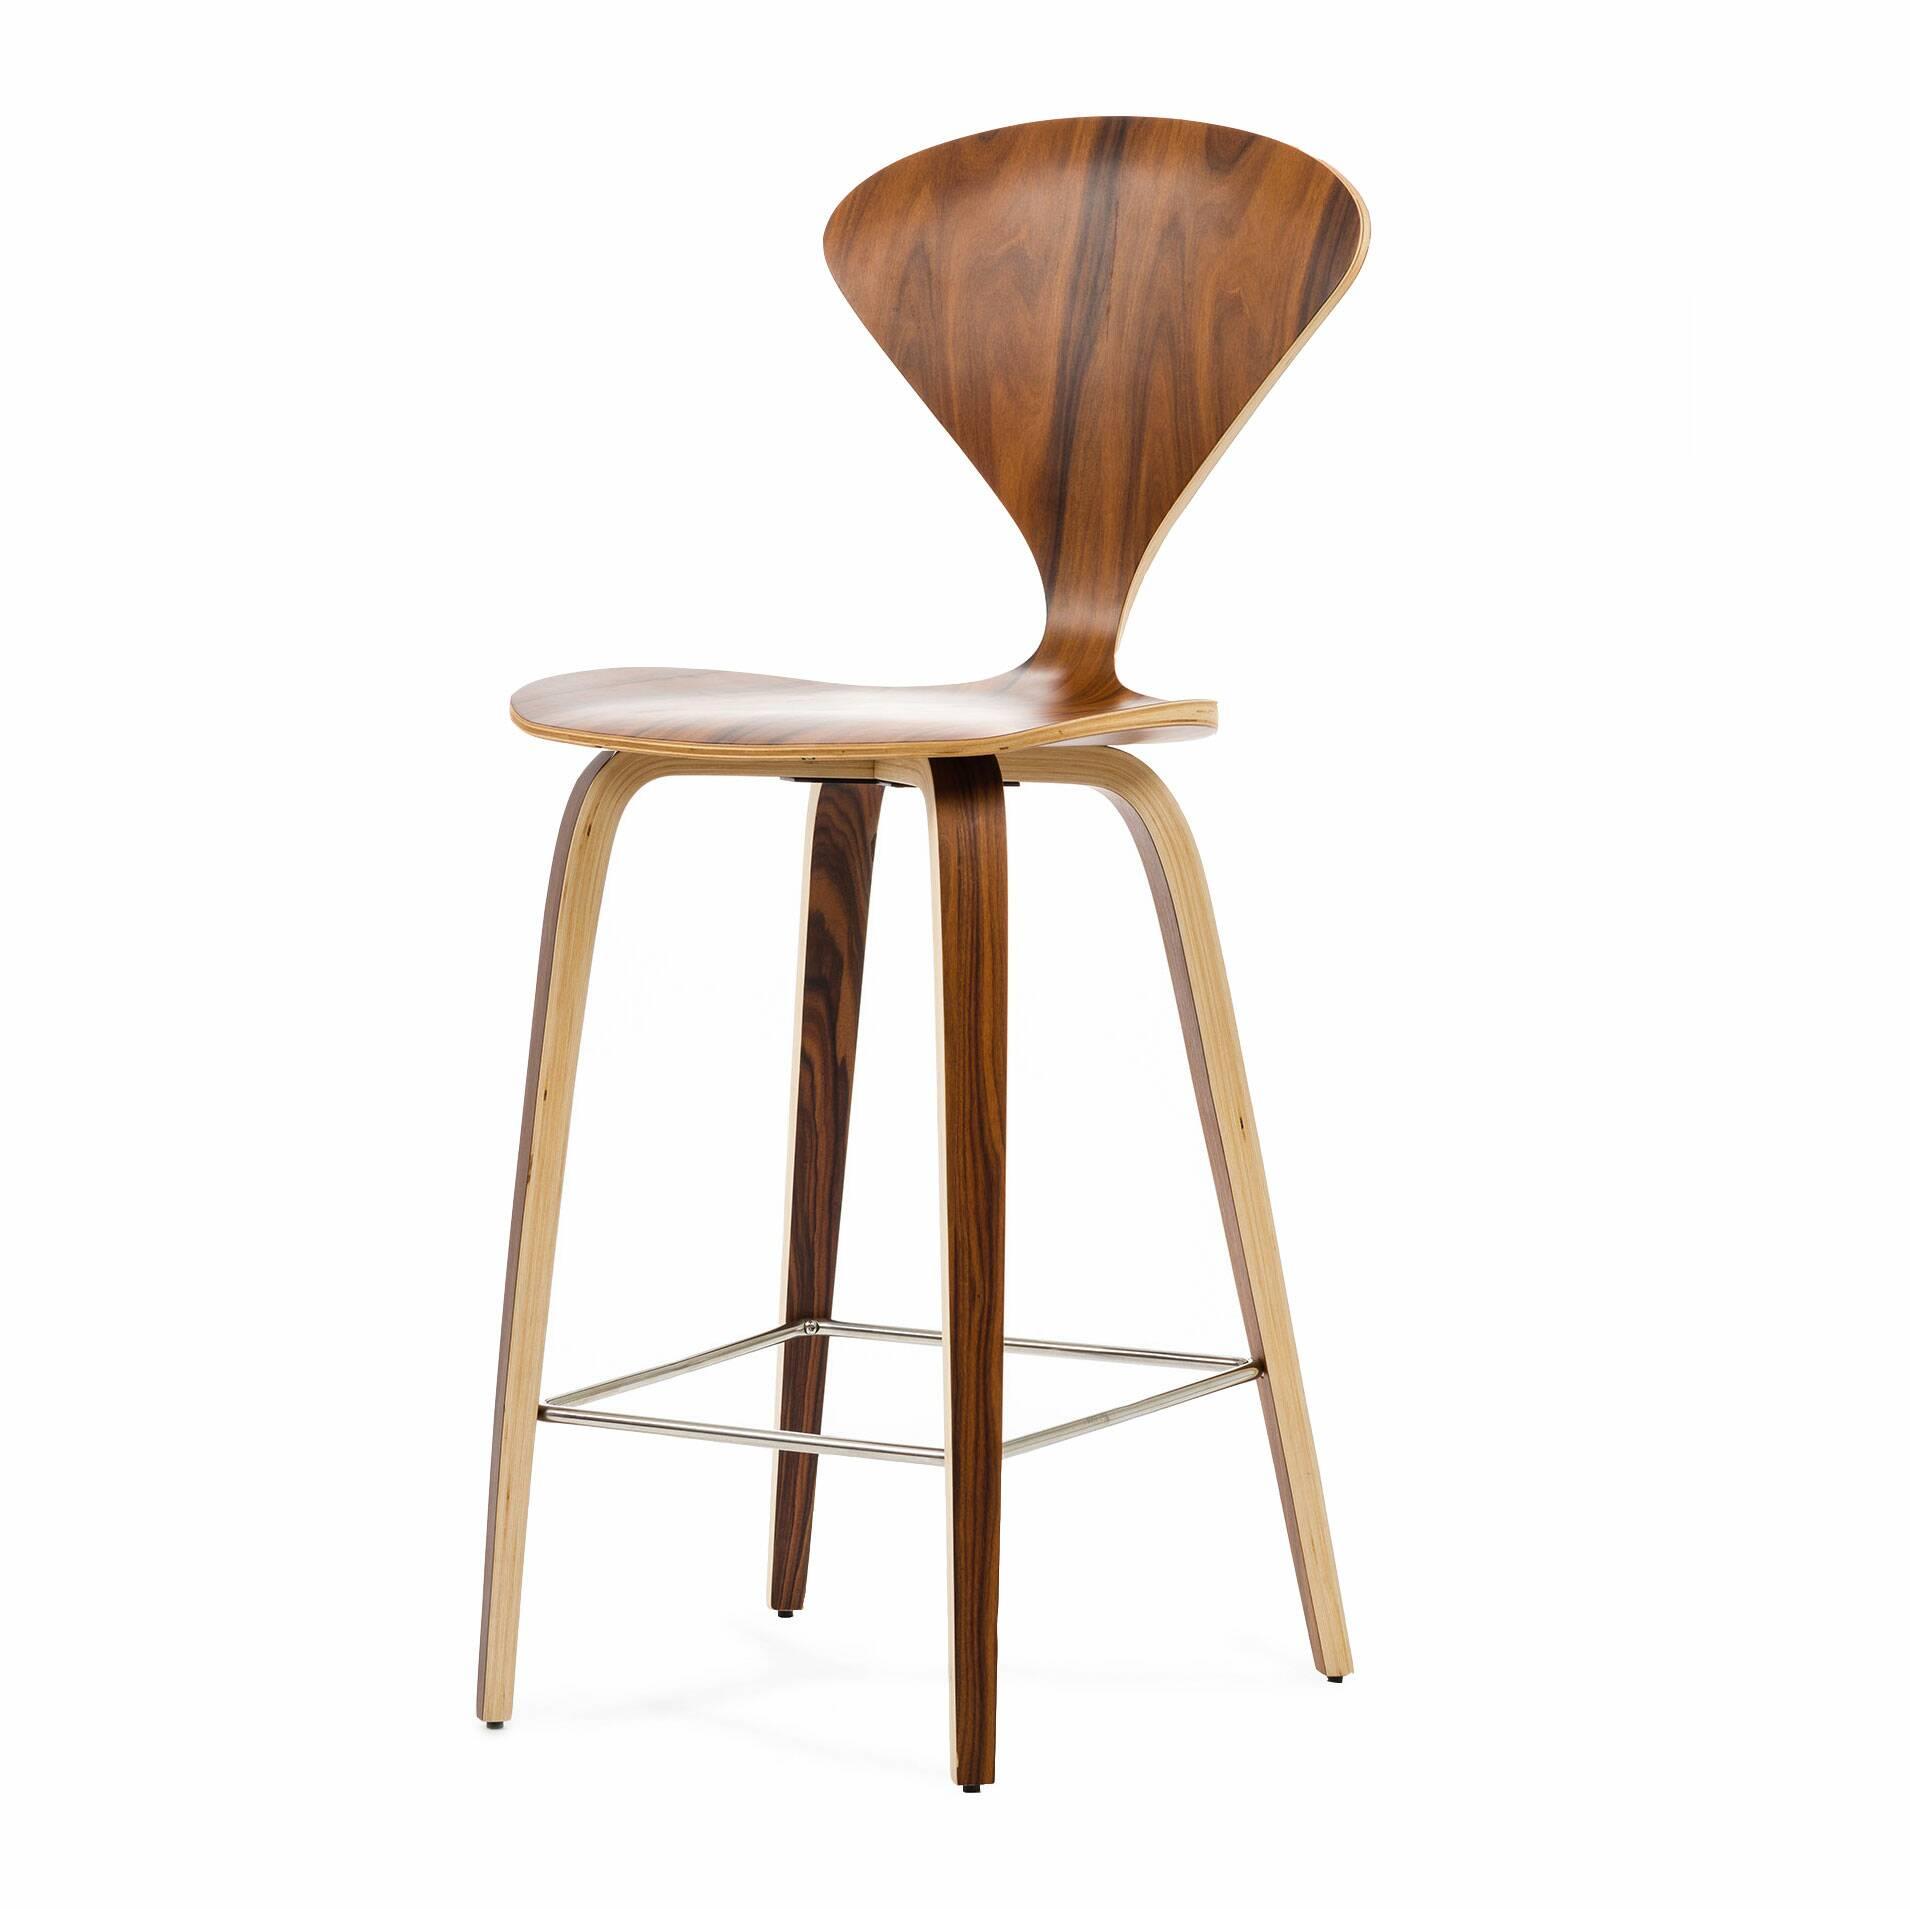 Барный стул Cherner высота 102Полубарные<br>Барный стул Cherner высота 102 — это великолепный деревянный барный стул 1958 года по-настоящему инновационного дизайна Нормана Чернера. Барный стул Cherner — прекрасный союз комфорта, новизны и стиля. Сам Норман Чернер был известным американским архитектором и дизайнером, он учился в Колумбийском университете, а затем и преподавал там, помимо этого он был консультантом MoMA, в тот период он вдохновился эстетикой баухауса и стал создавать собственные интерьеры и мебель, которые стали очень по...<br><br>stock: 0<br>Высота: 102,5<br>Высота сиденья: 65<br>Ширина: 47<br>Глубина: 51<br>Материал каркаса: Фанера, шпон розового дерева<br>Тип материала каркаса: Дерево<br>Цвет каркаса: Коричневый